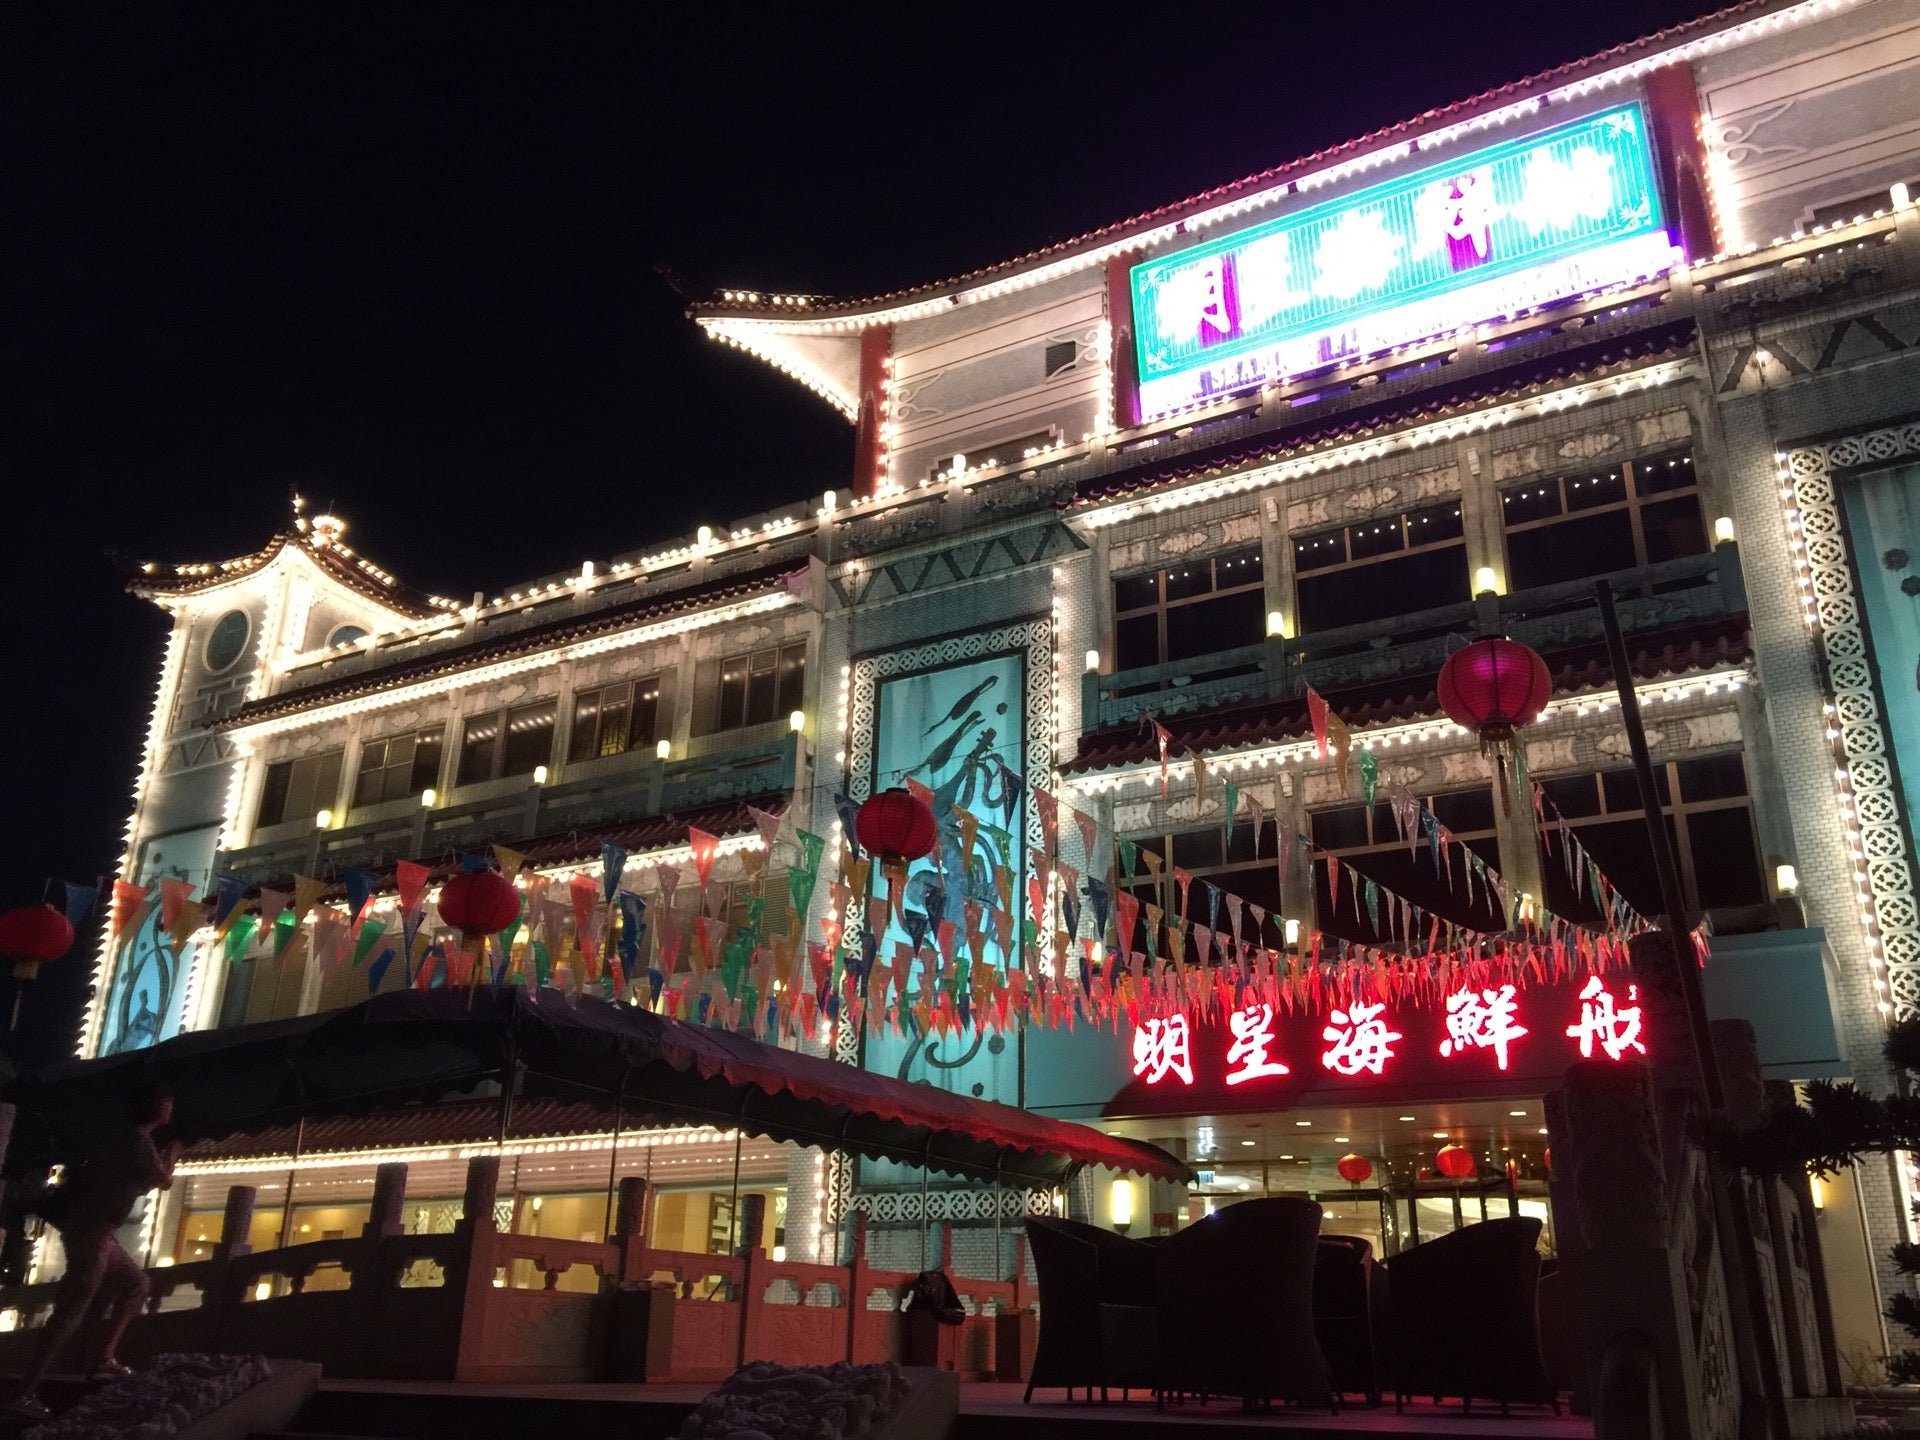 相片- 位于沙田的明星海鲜舫 | 适合驾驶人士 - 香港